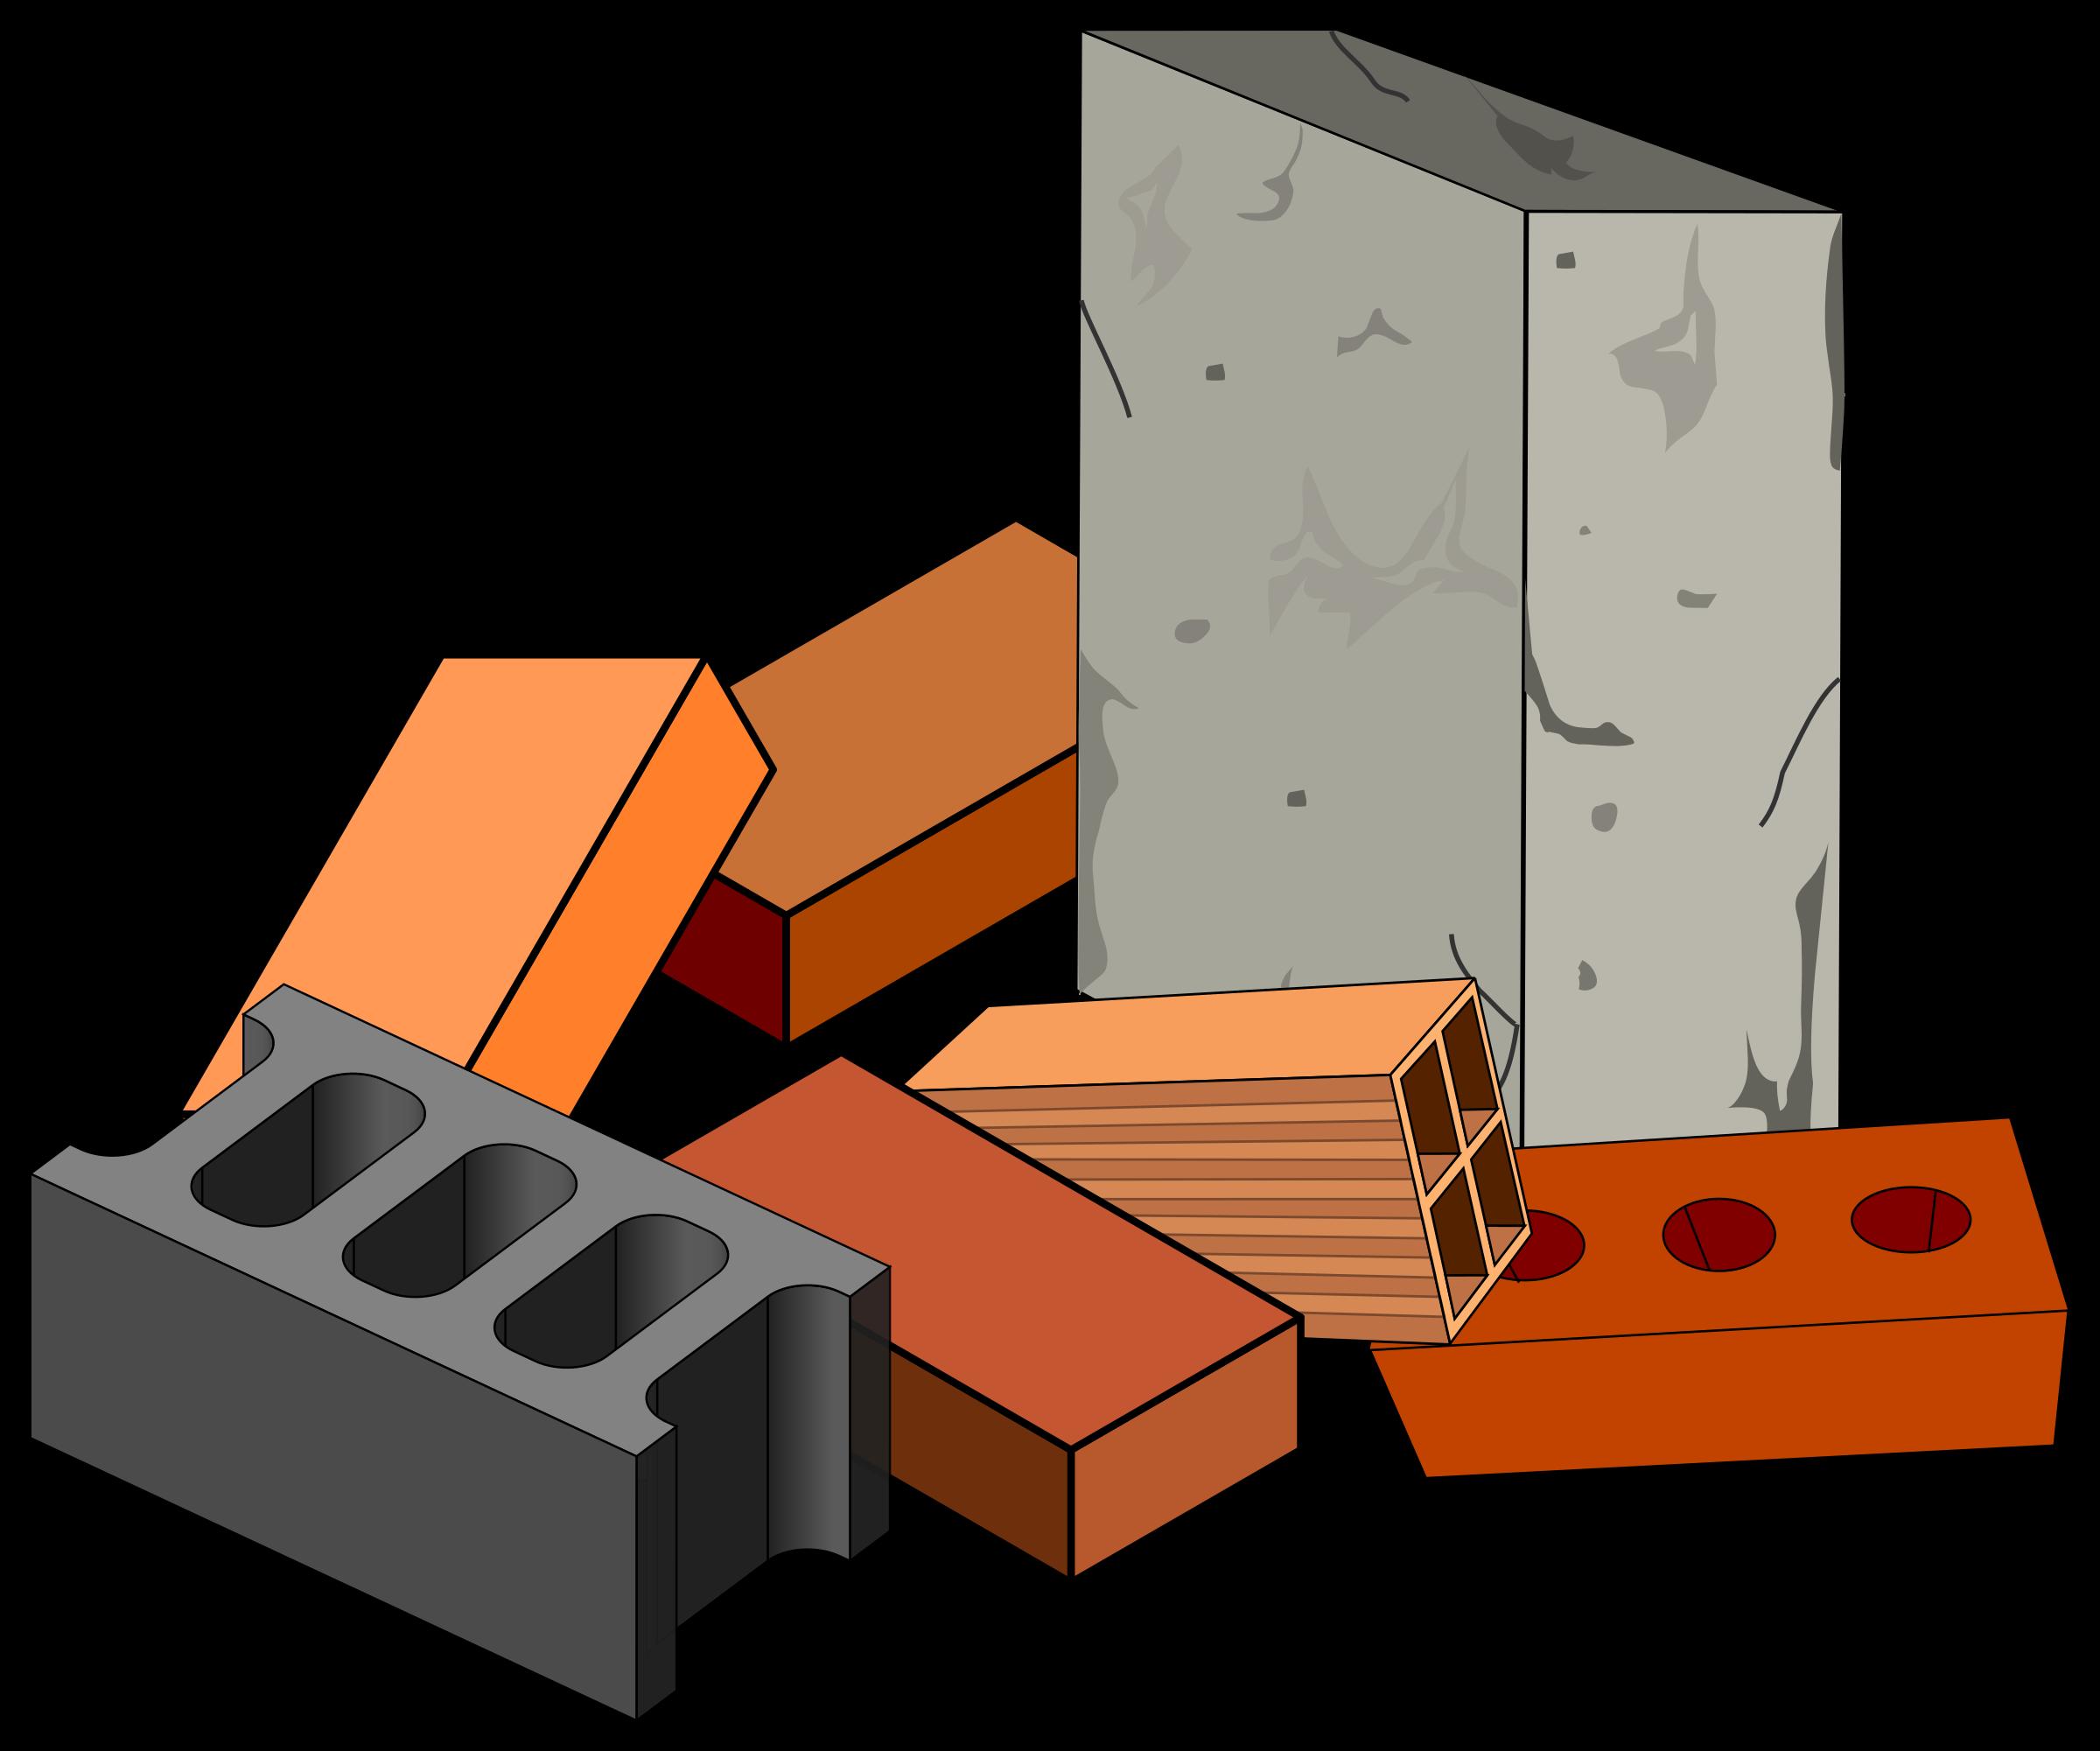 clipart building materials clip art construction images clipart construction free